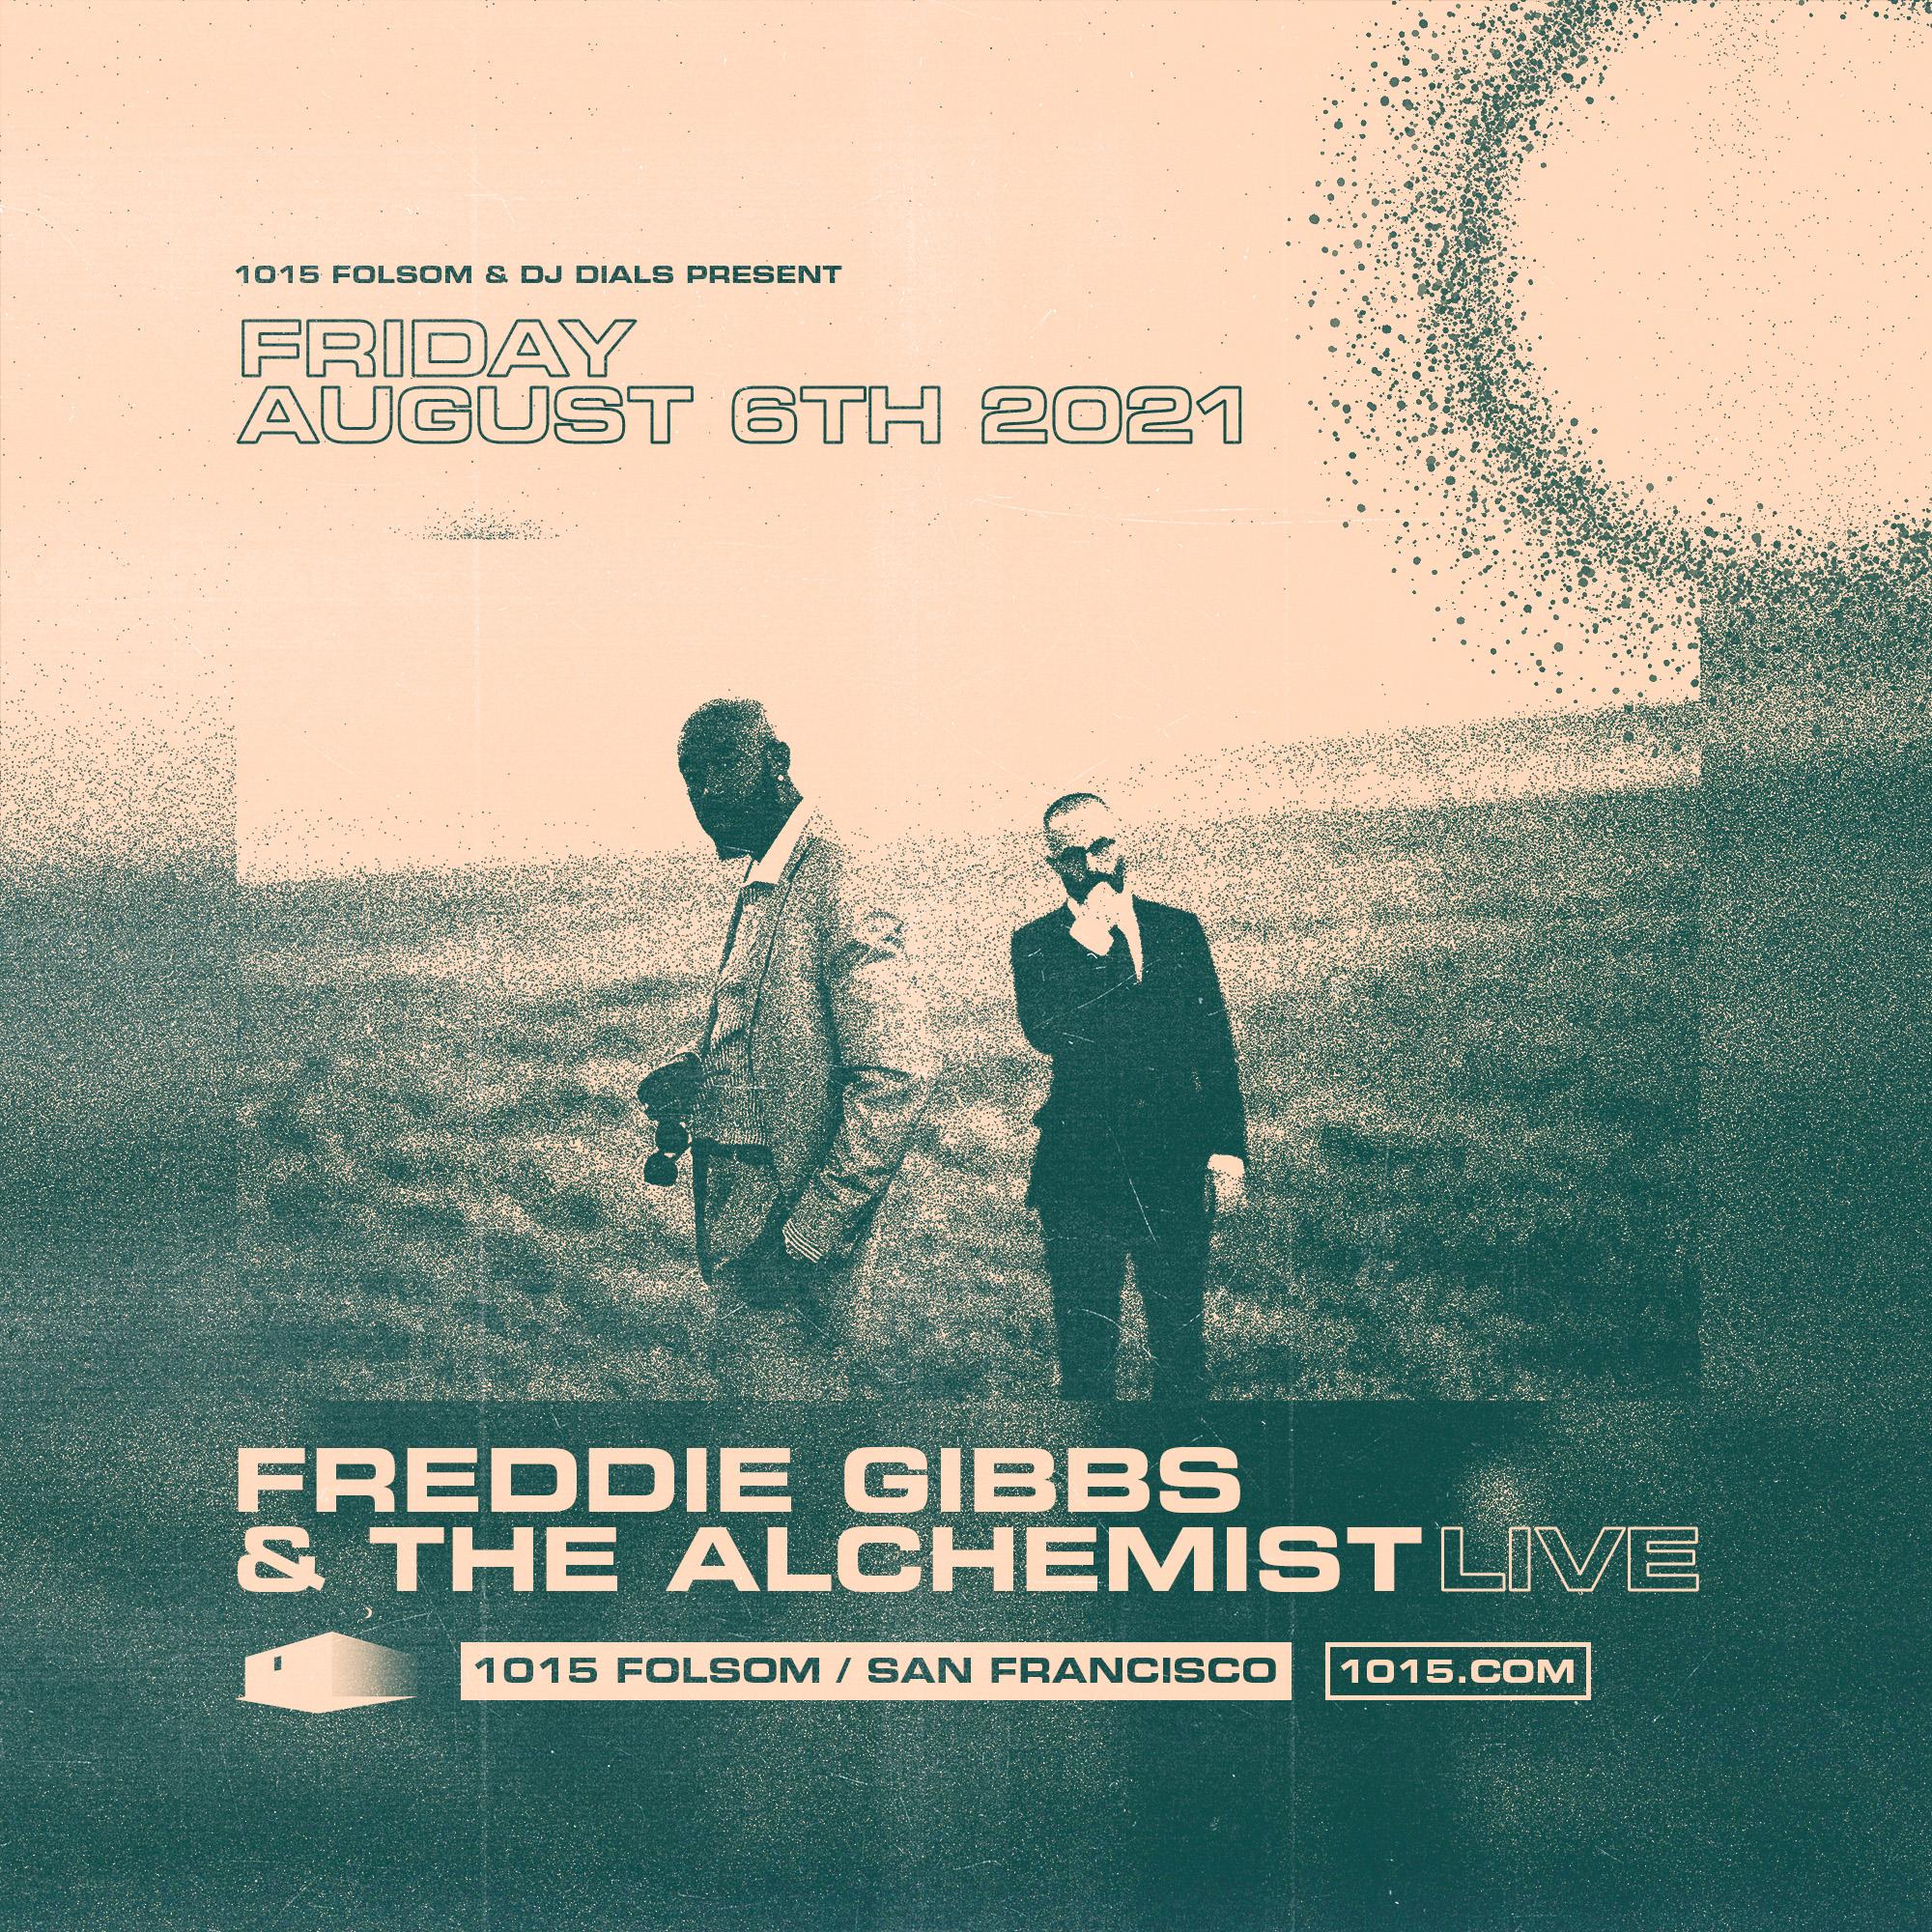 Freddie Gibbs, The Alchemist: Main Image